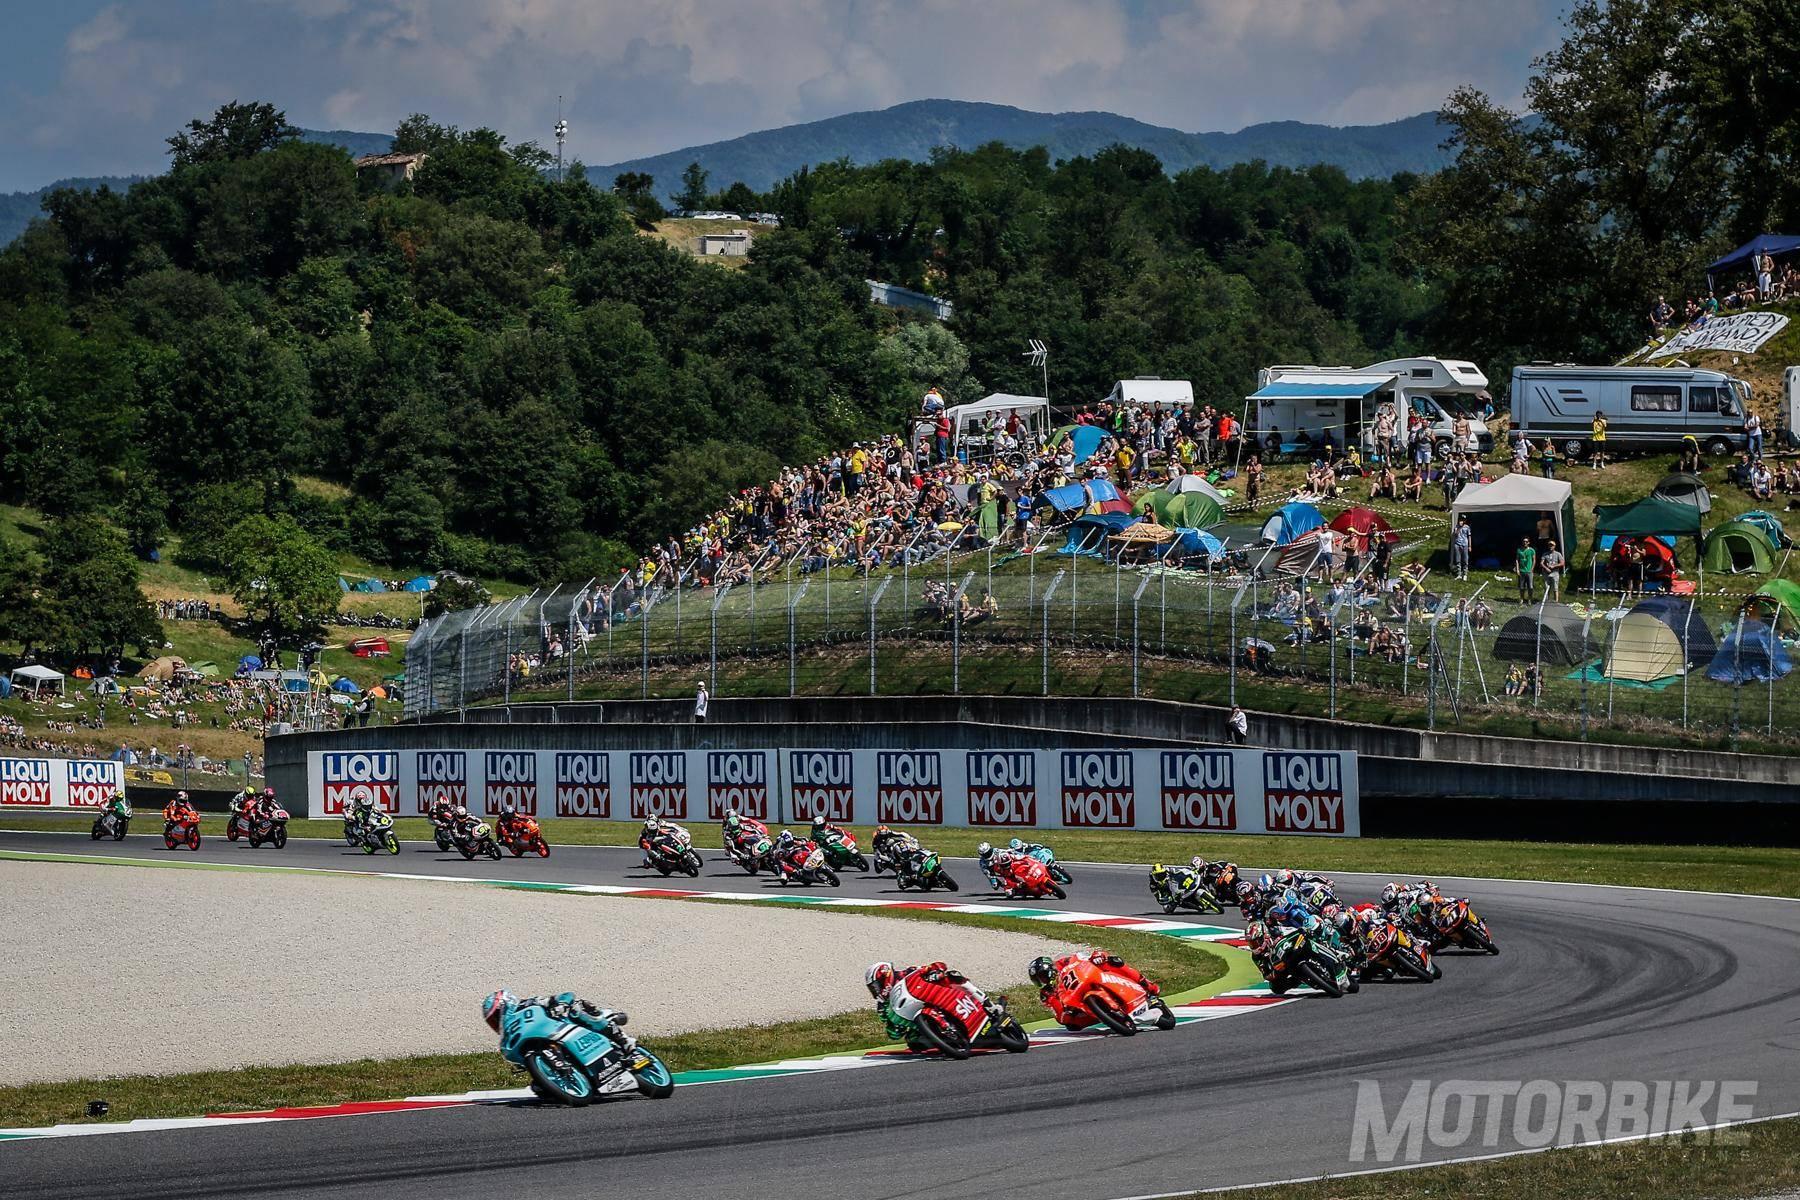 Moto3 Mugello 2015 - Motorbike Magazine